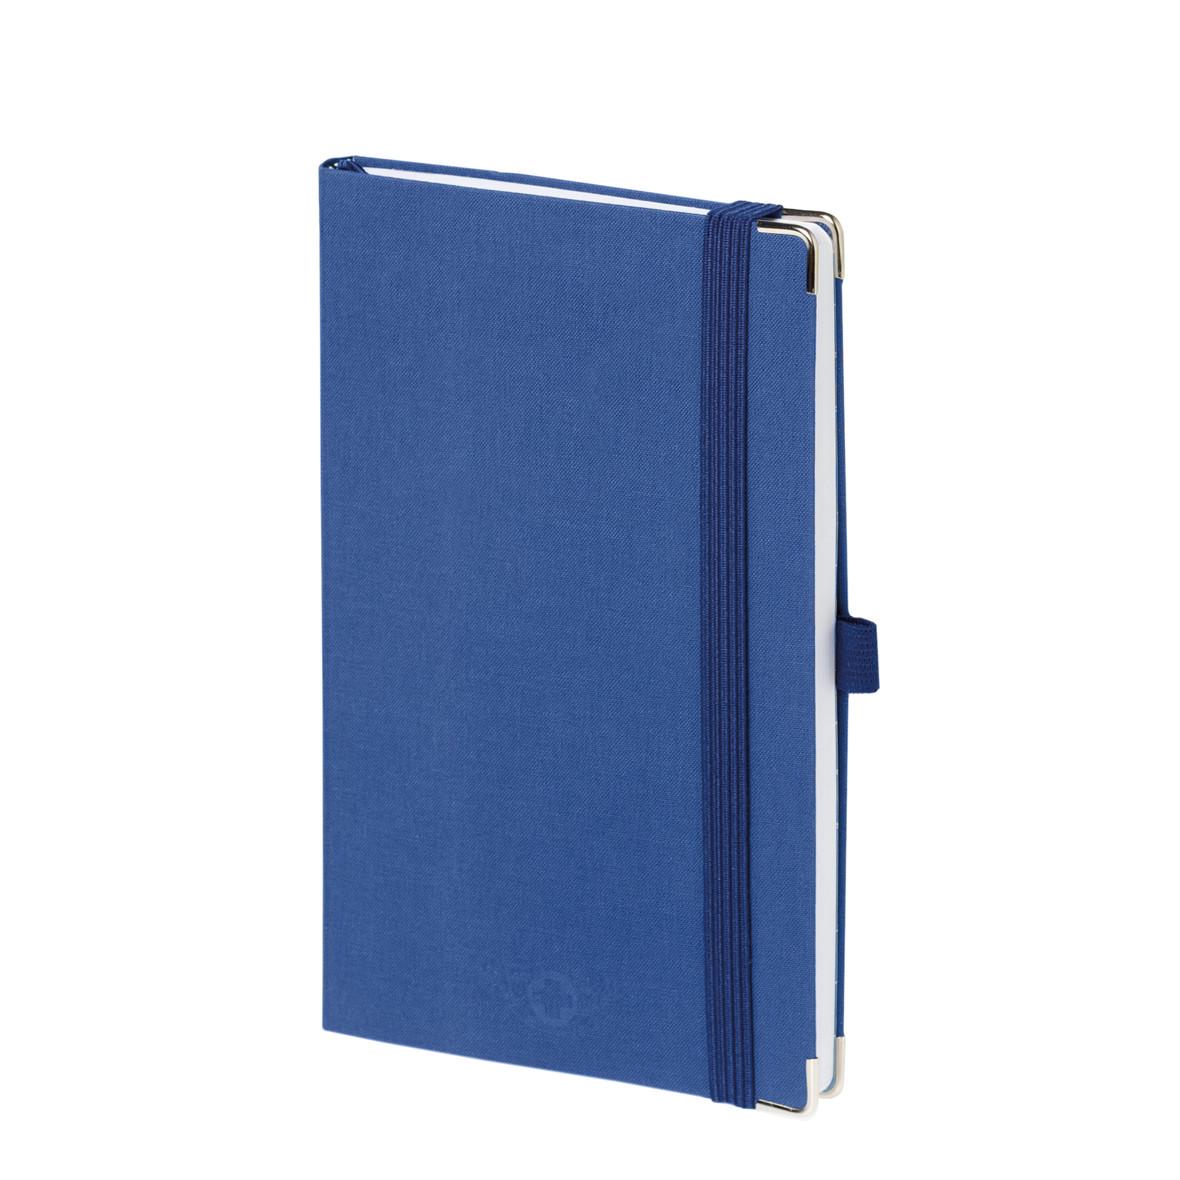 Notizbuch der Collection Bundesordner von Biella